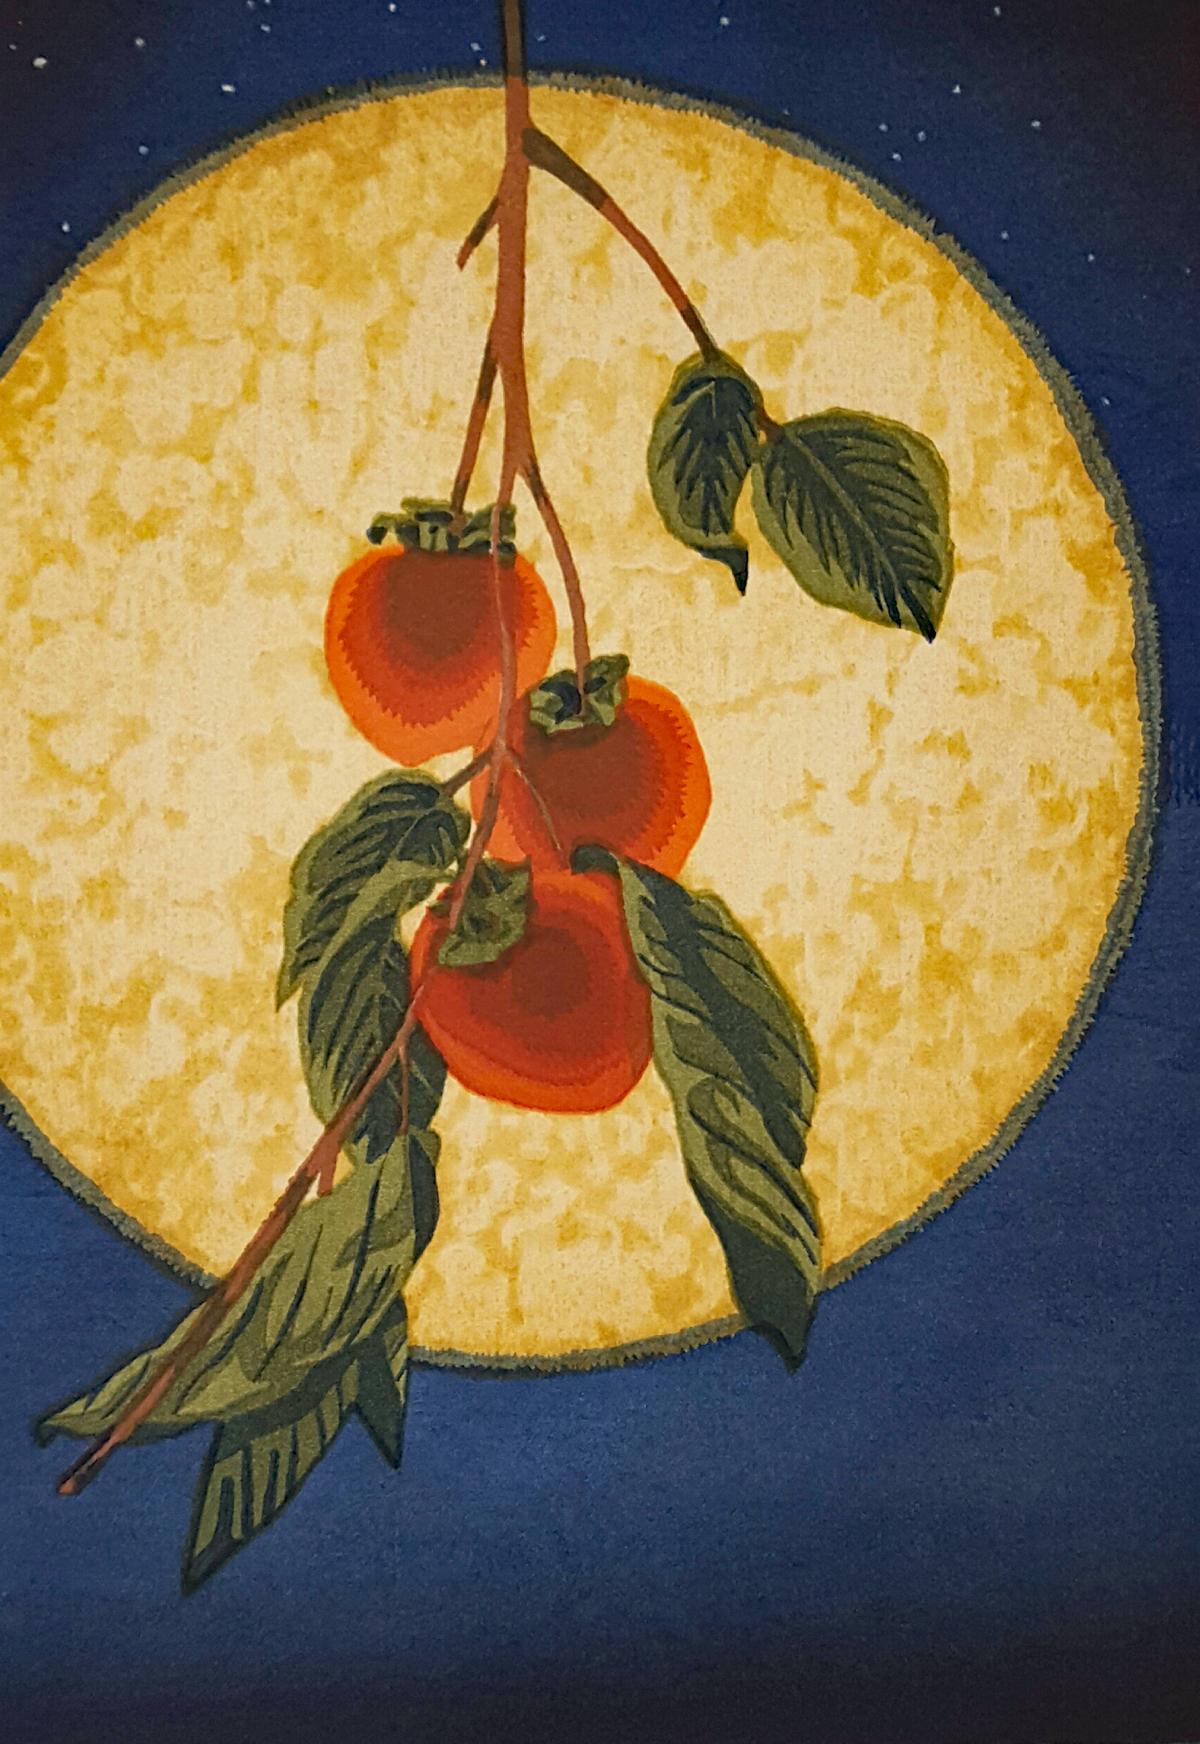 Persimmon Moonrise